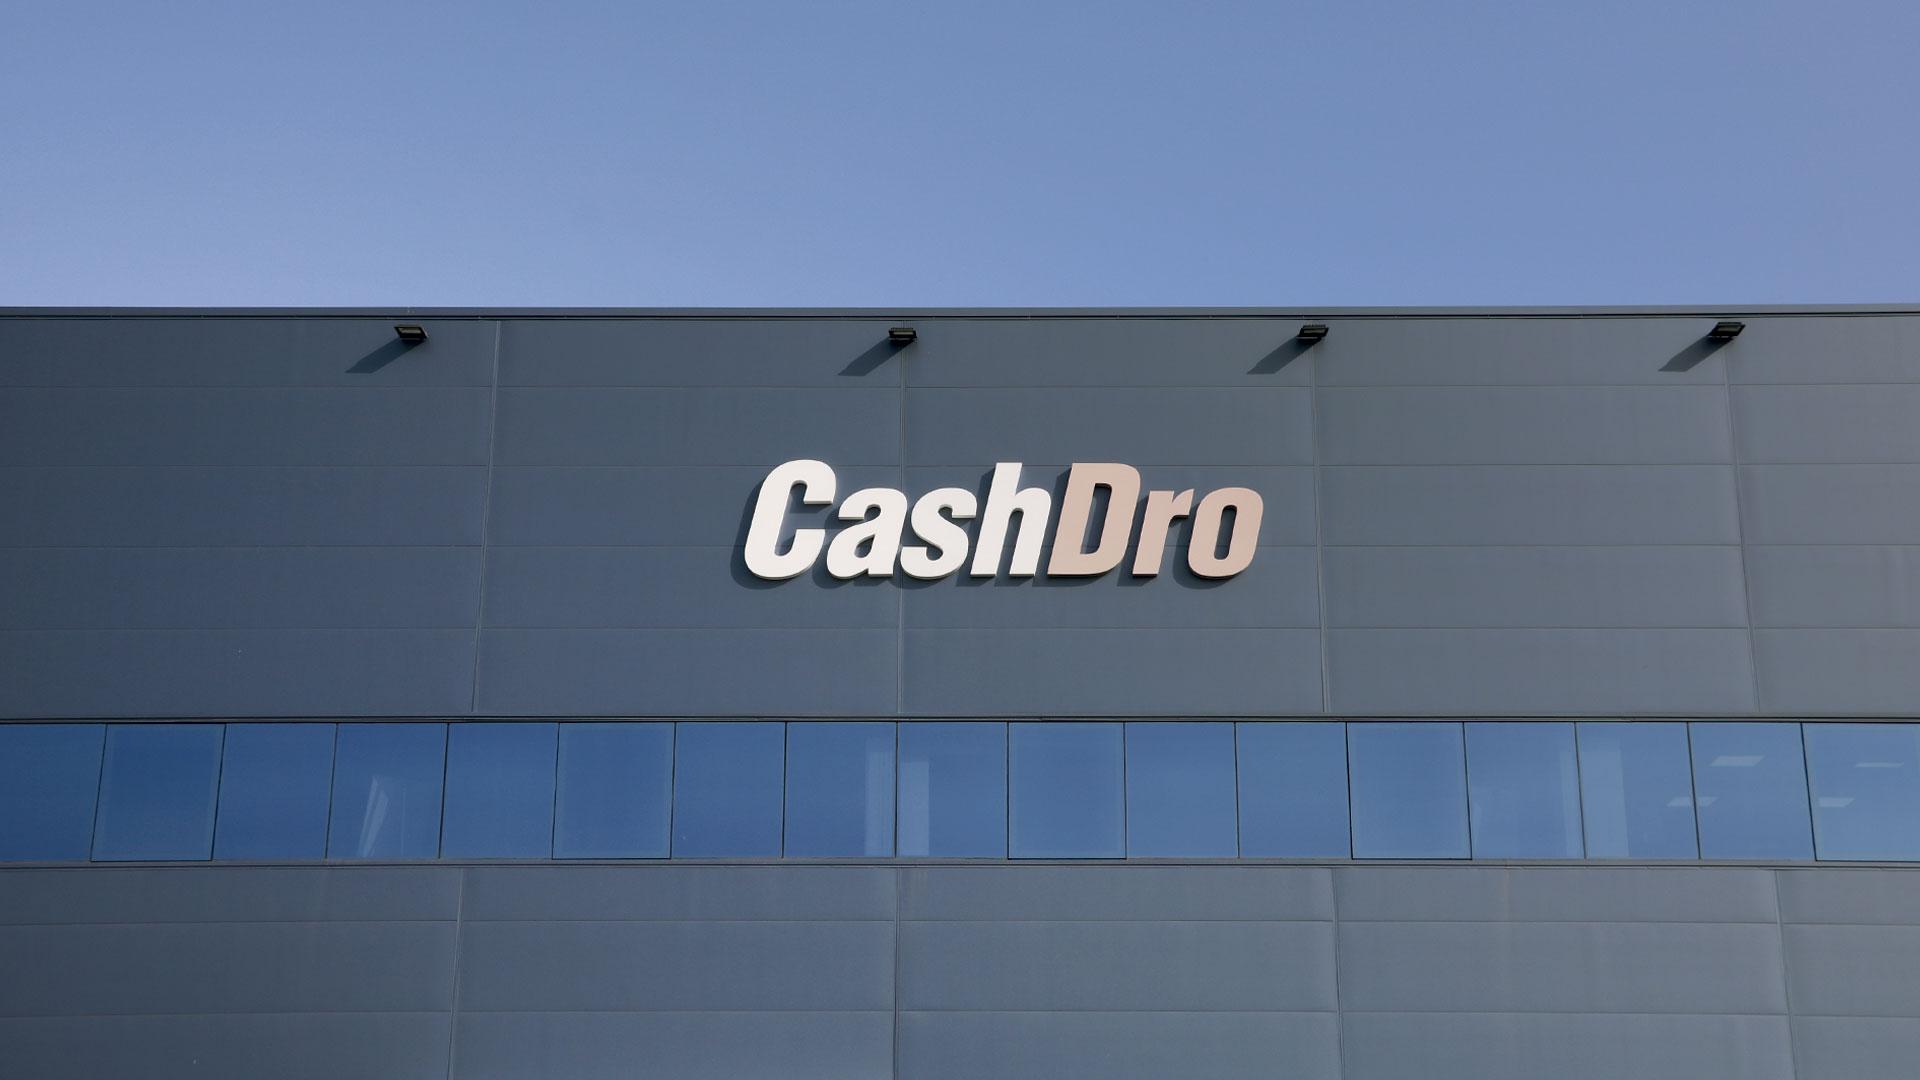 CashDro